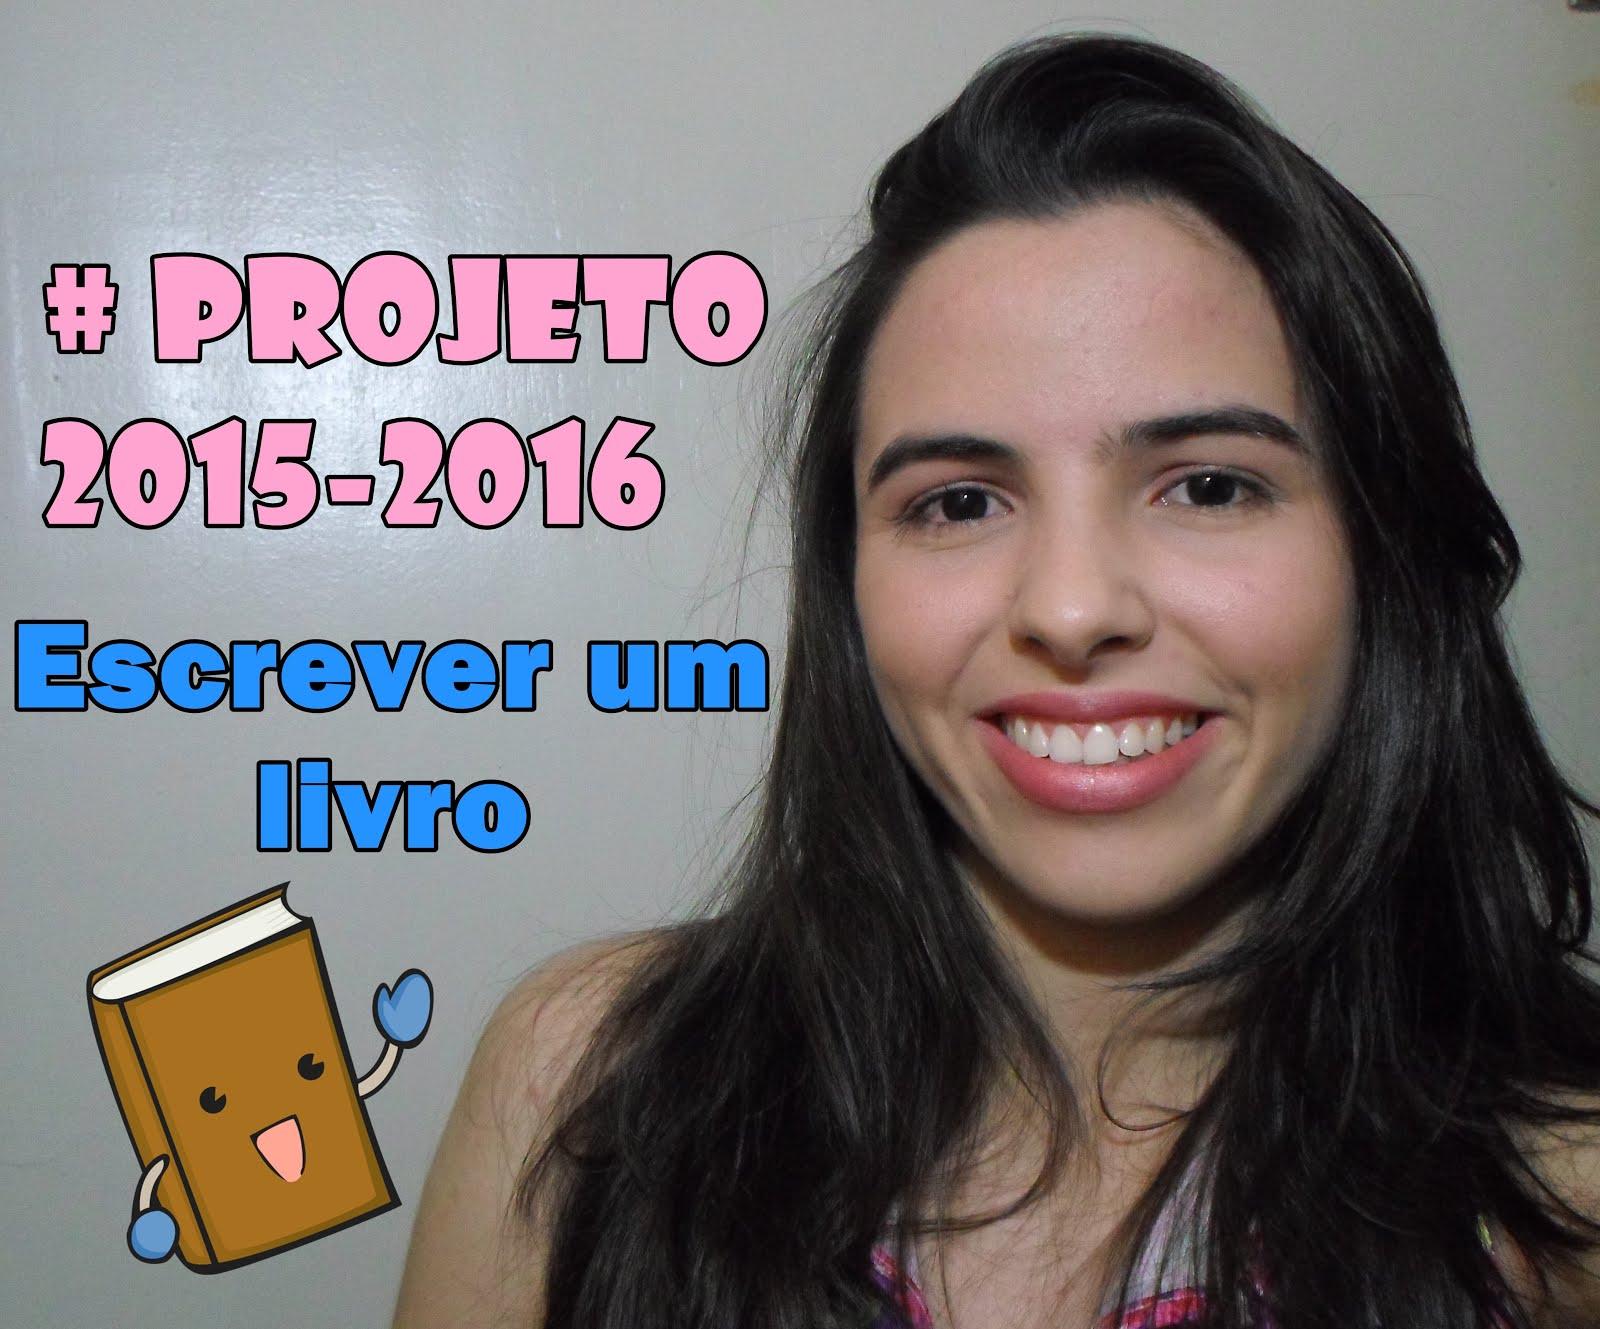 #Projeto